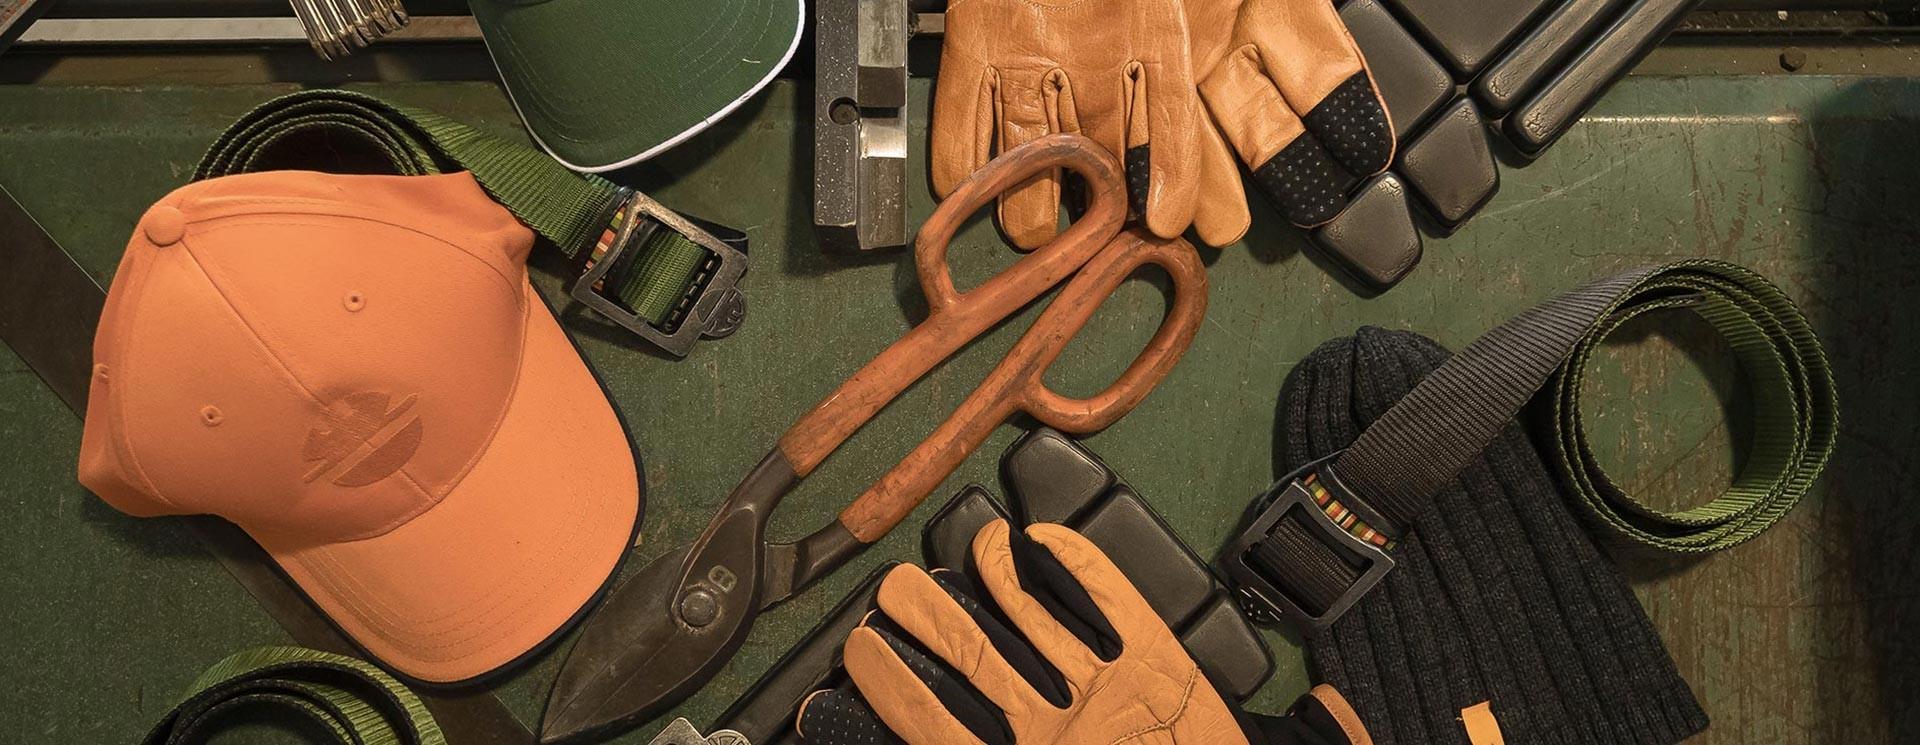 Accessoires - Vêtements de travail | Dike